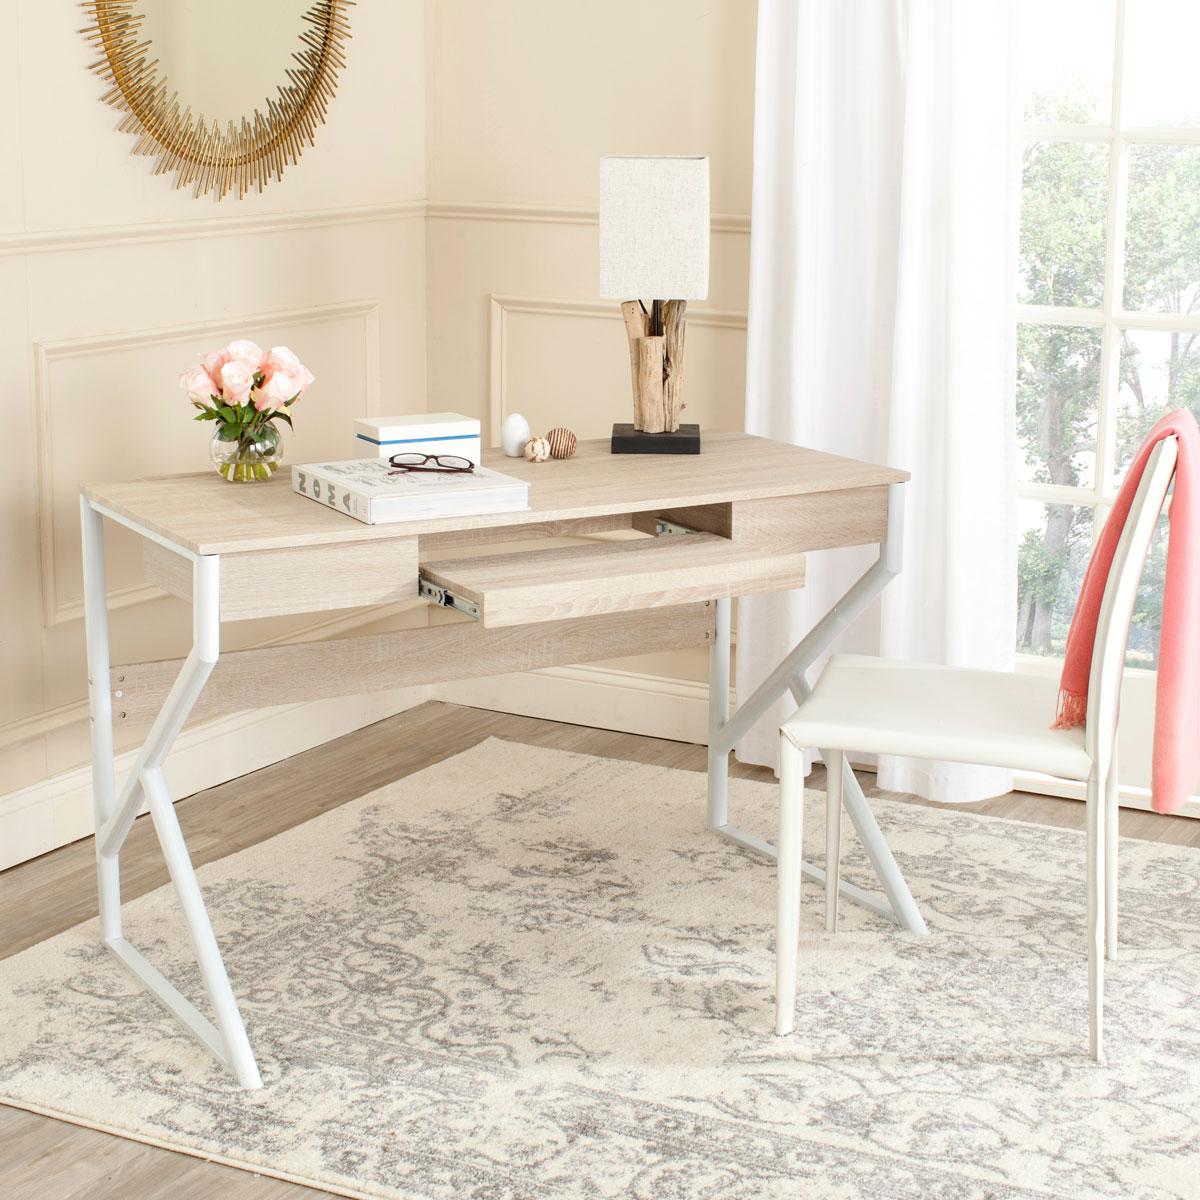 Desks Color Natural Top White Legs